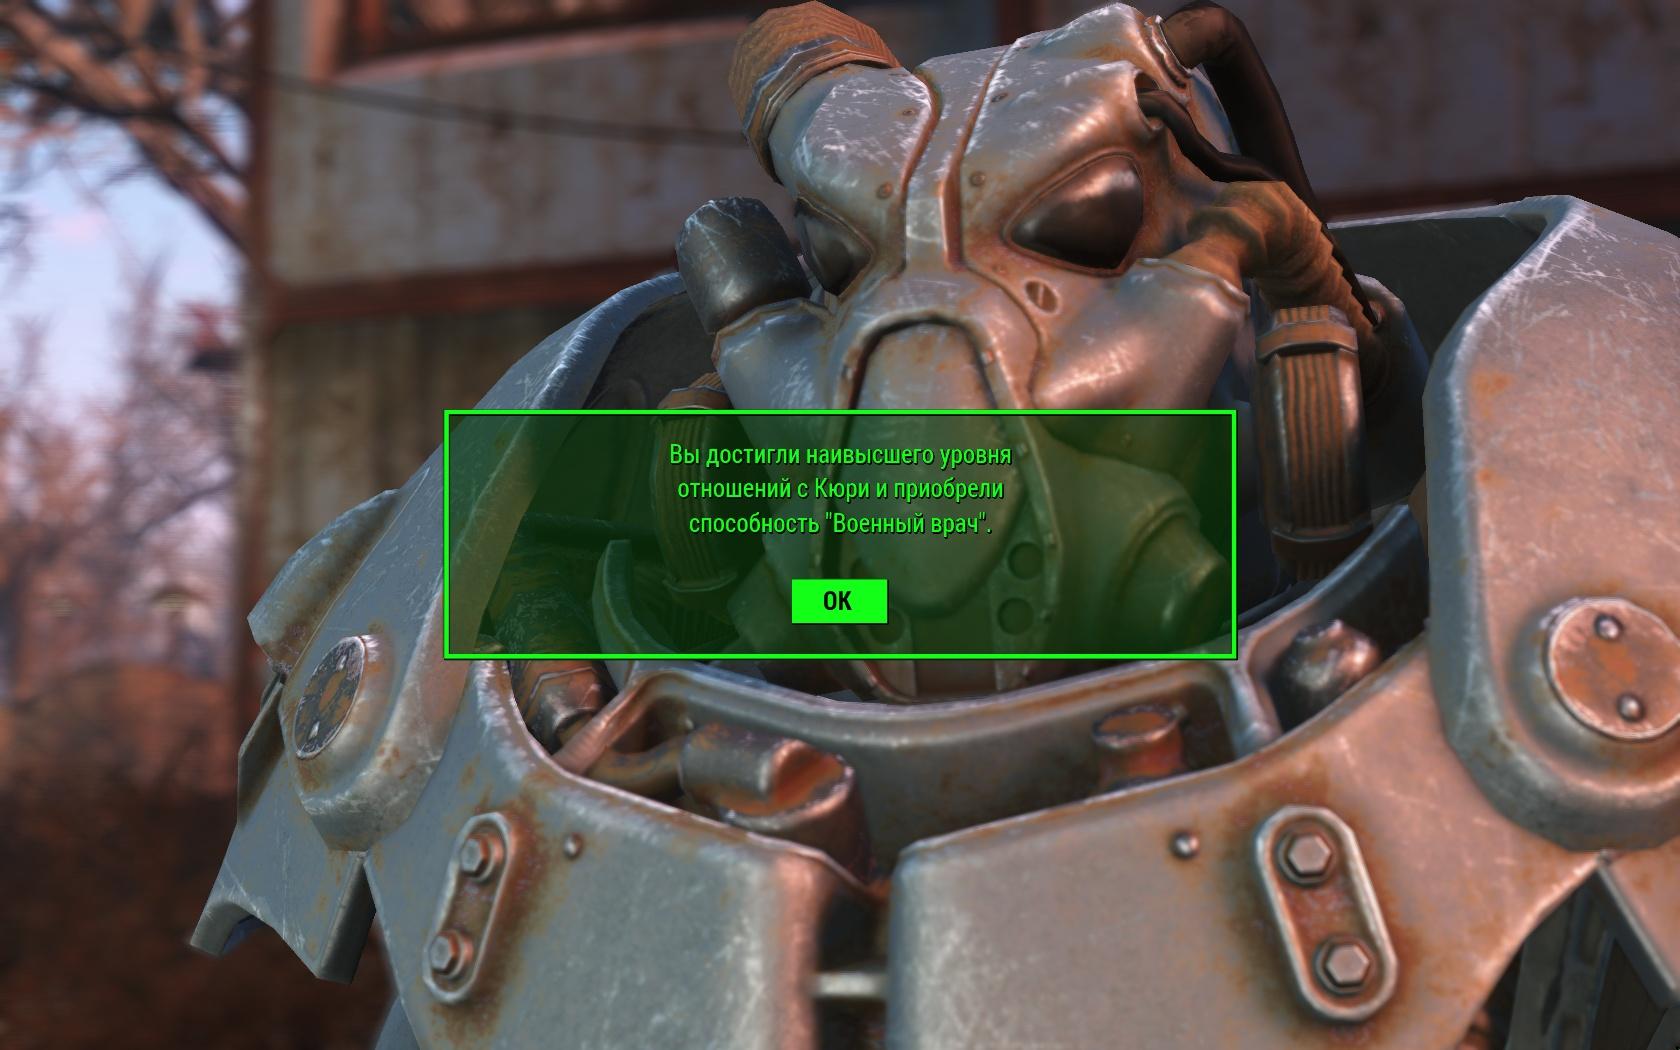 Всеисцеляющая сестра милосердия Кюри. Наивысший уровень отношений - Fallout 4 Военный врач